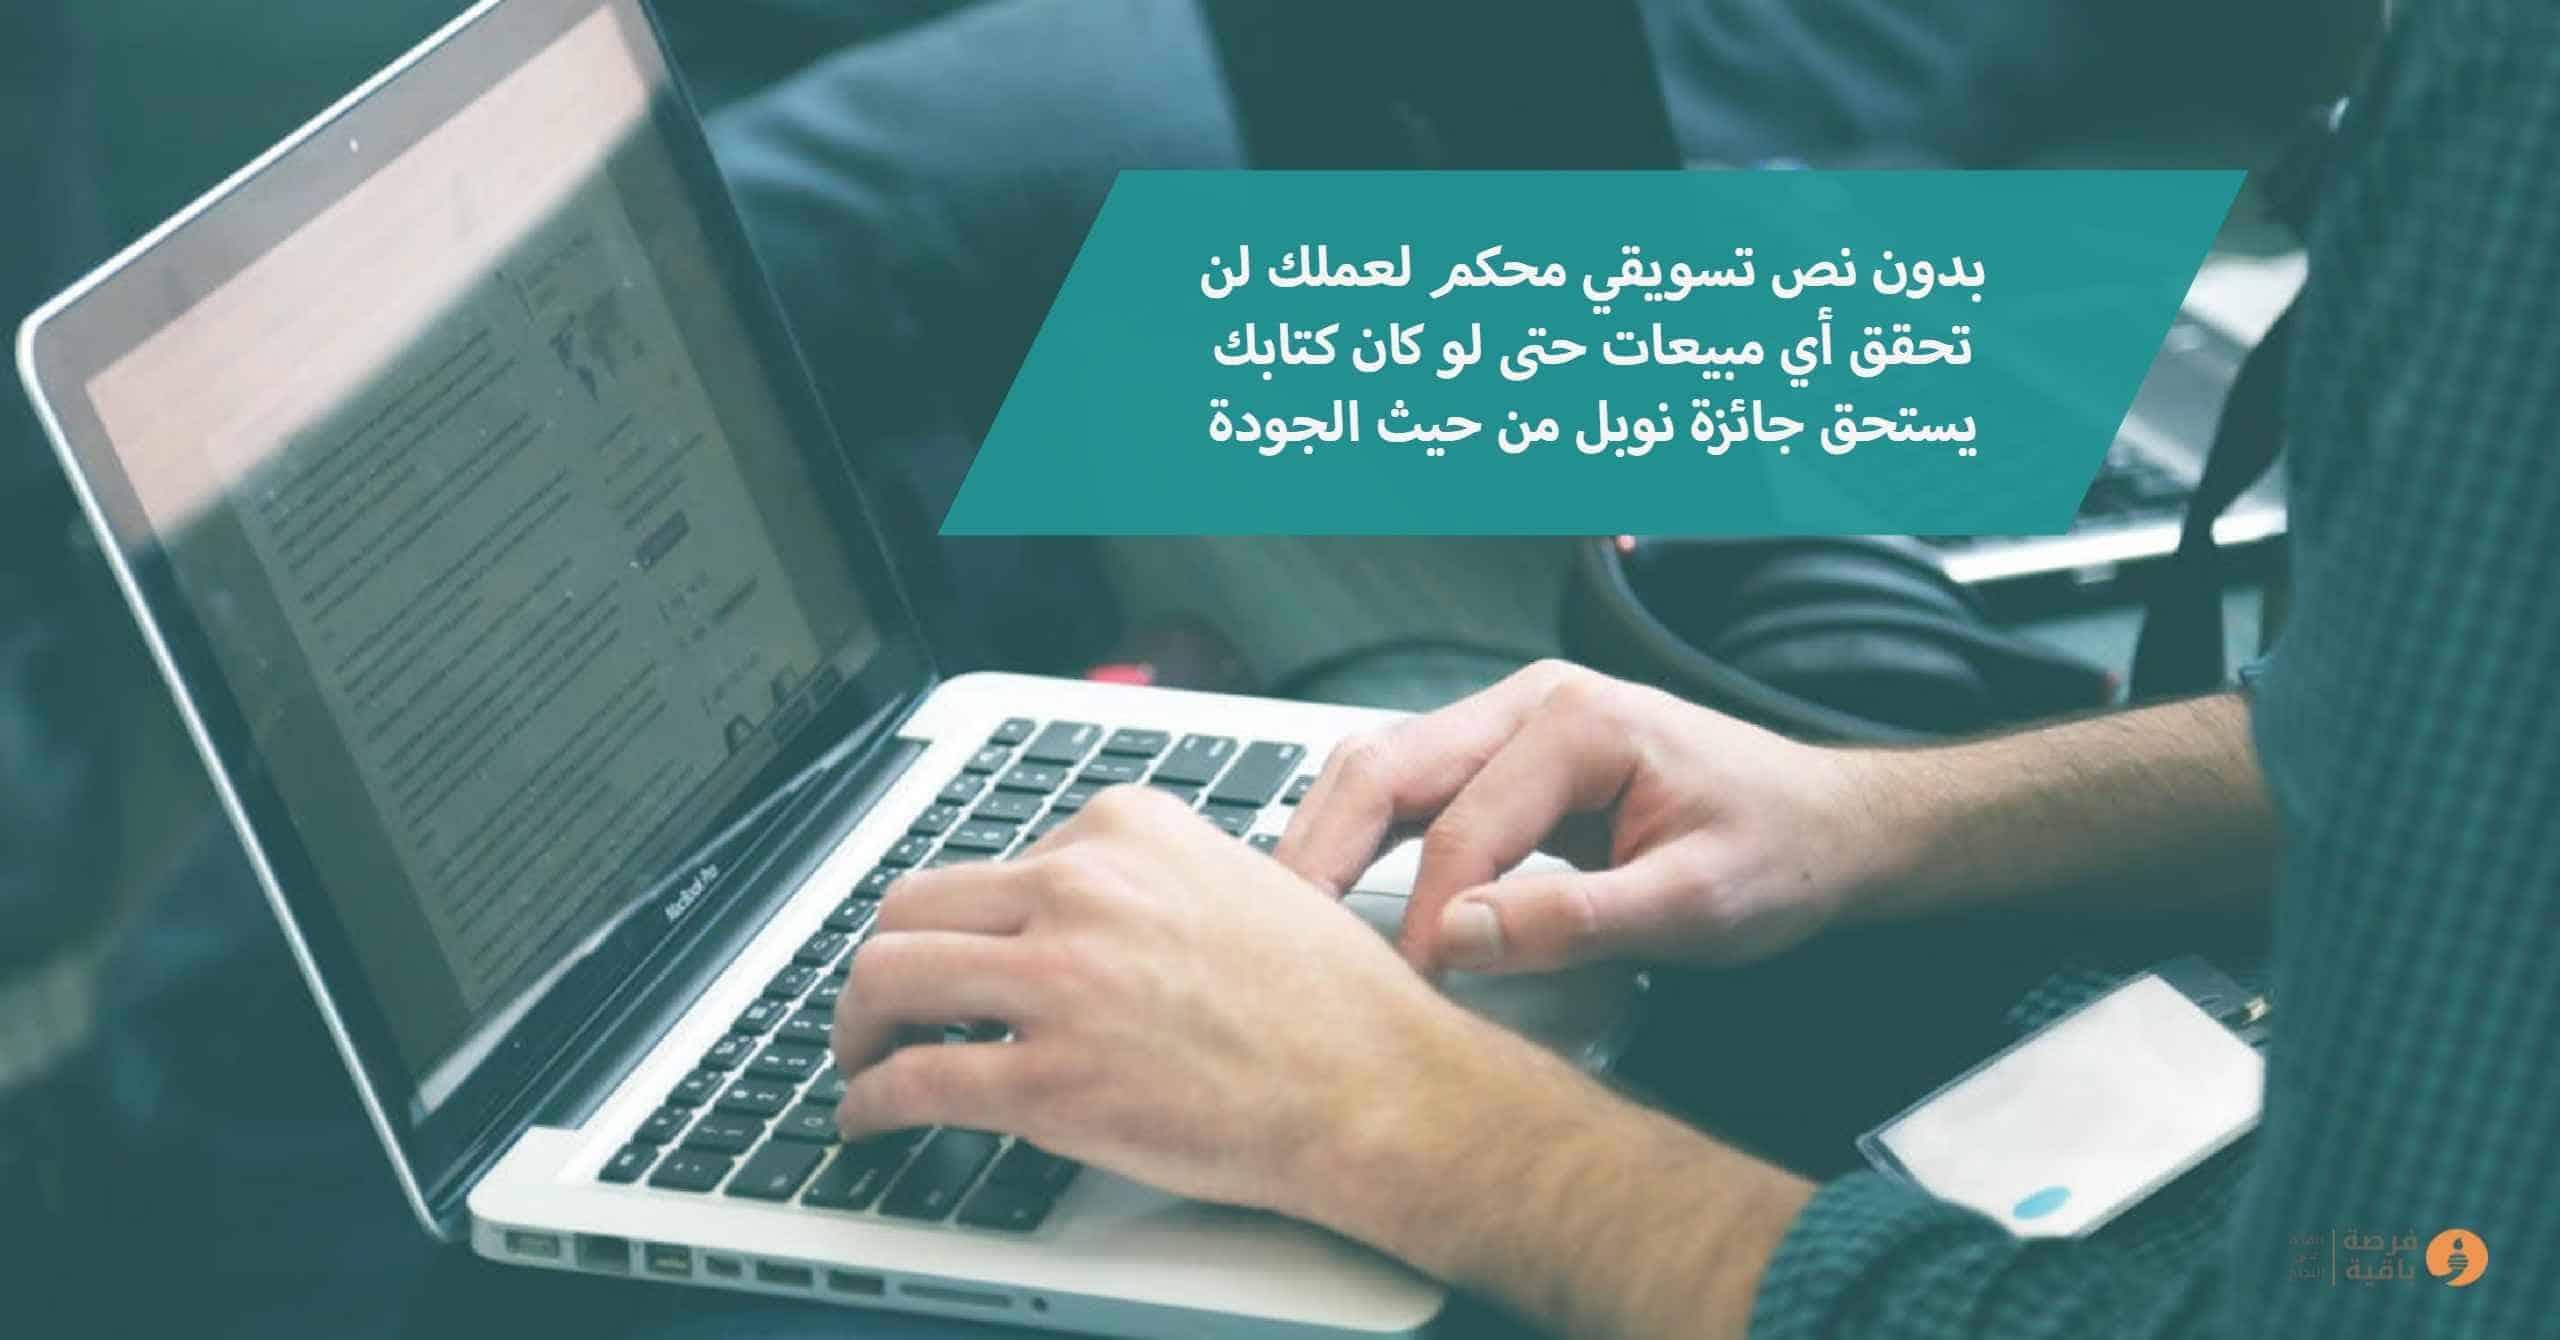 أهمية النص التسويقي في النشر الحر